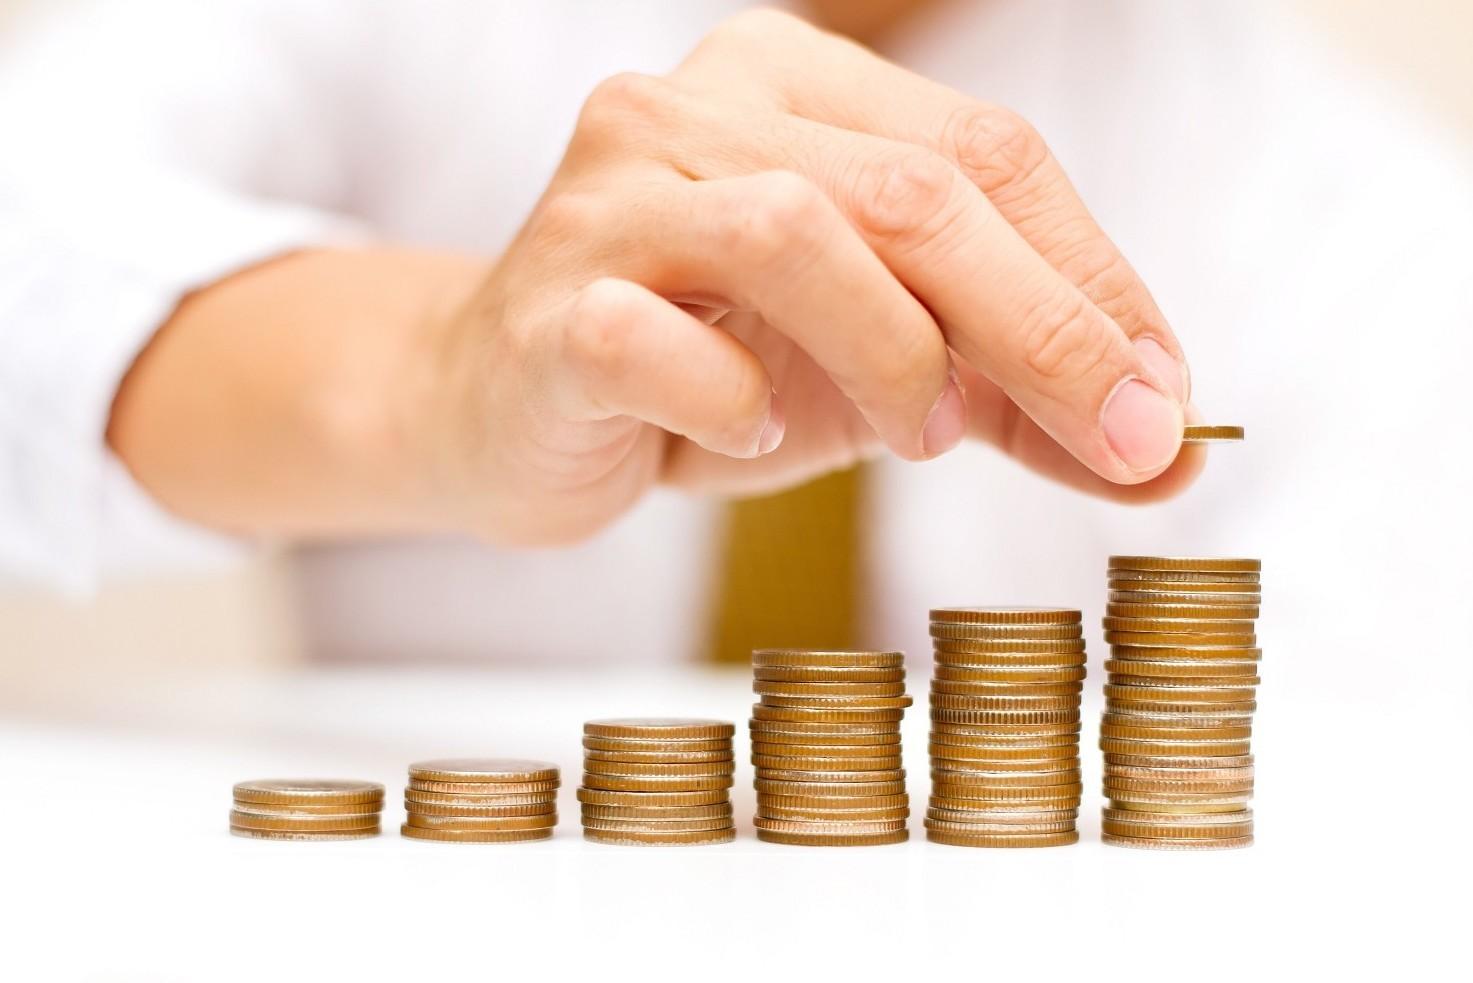 Donazione soldi senza notaio tra parenti, genitori, figli, fratelli e sorelle. Regole e leggi attuali